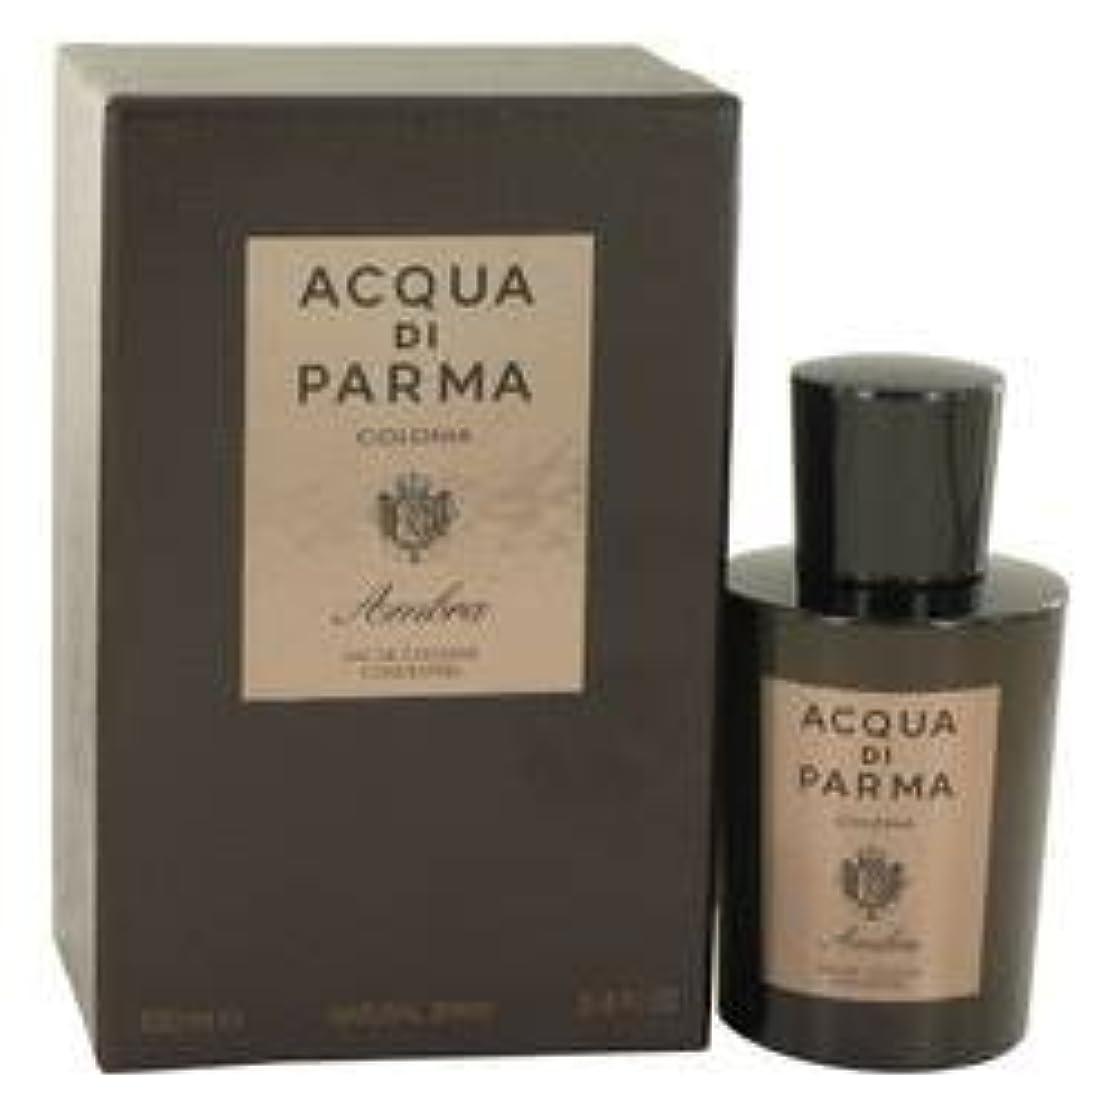 相談成人期エールAcqua Di Parma Colonia Ambra Eau De Cologne Concentrate Spray By Acqua Di Parma